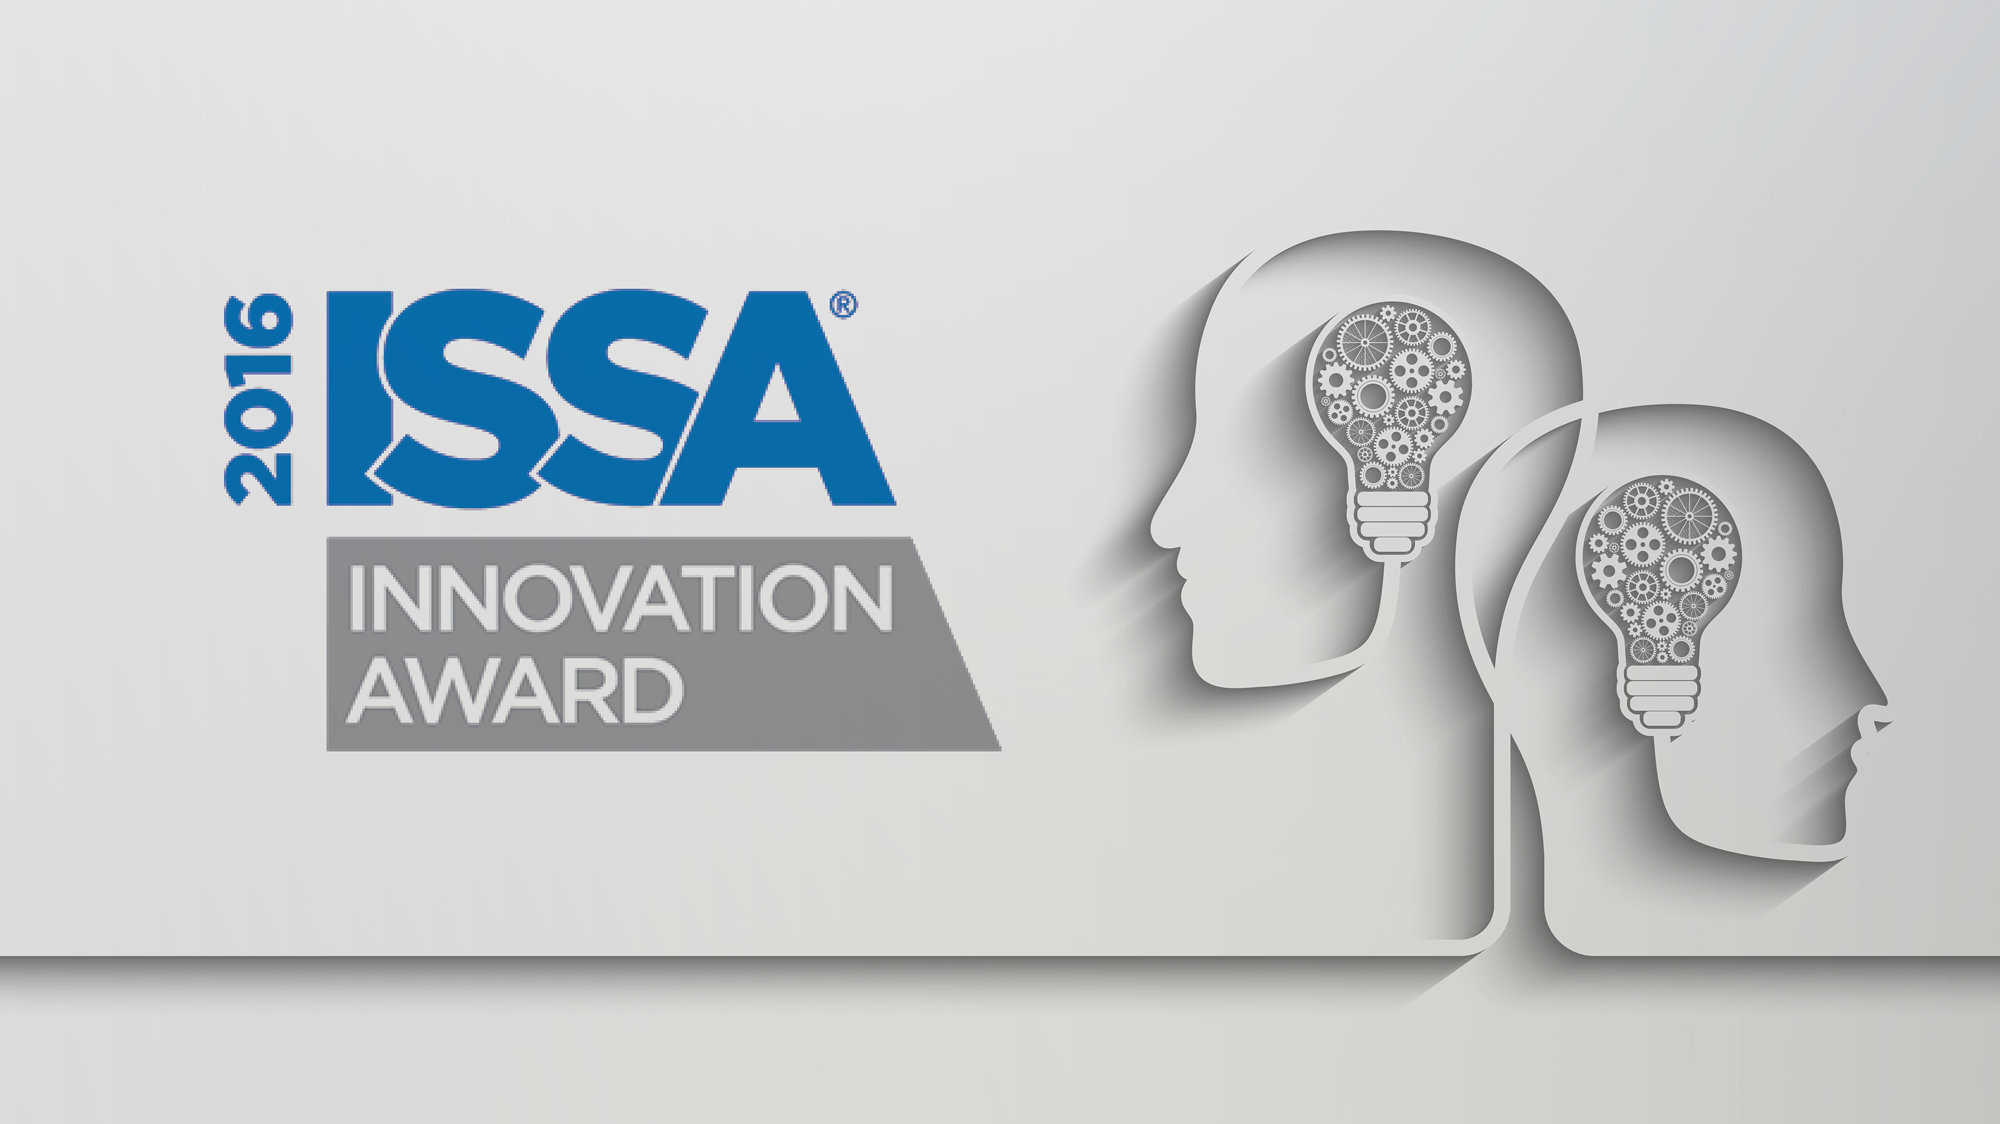 ISSA Innovation Award UberFlex Entry